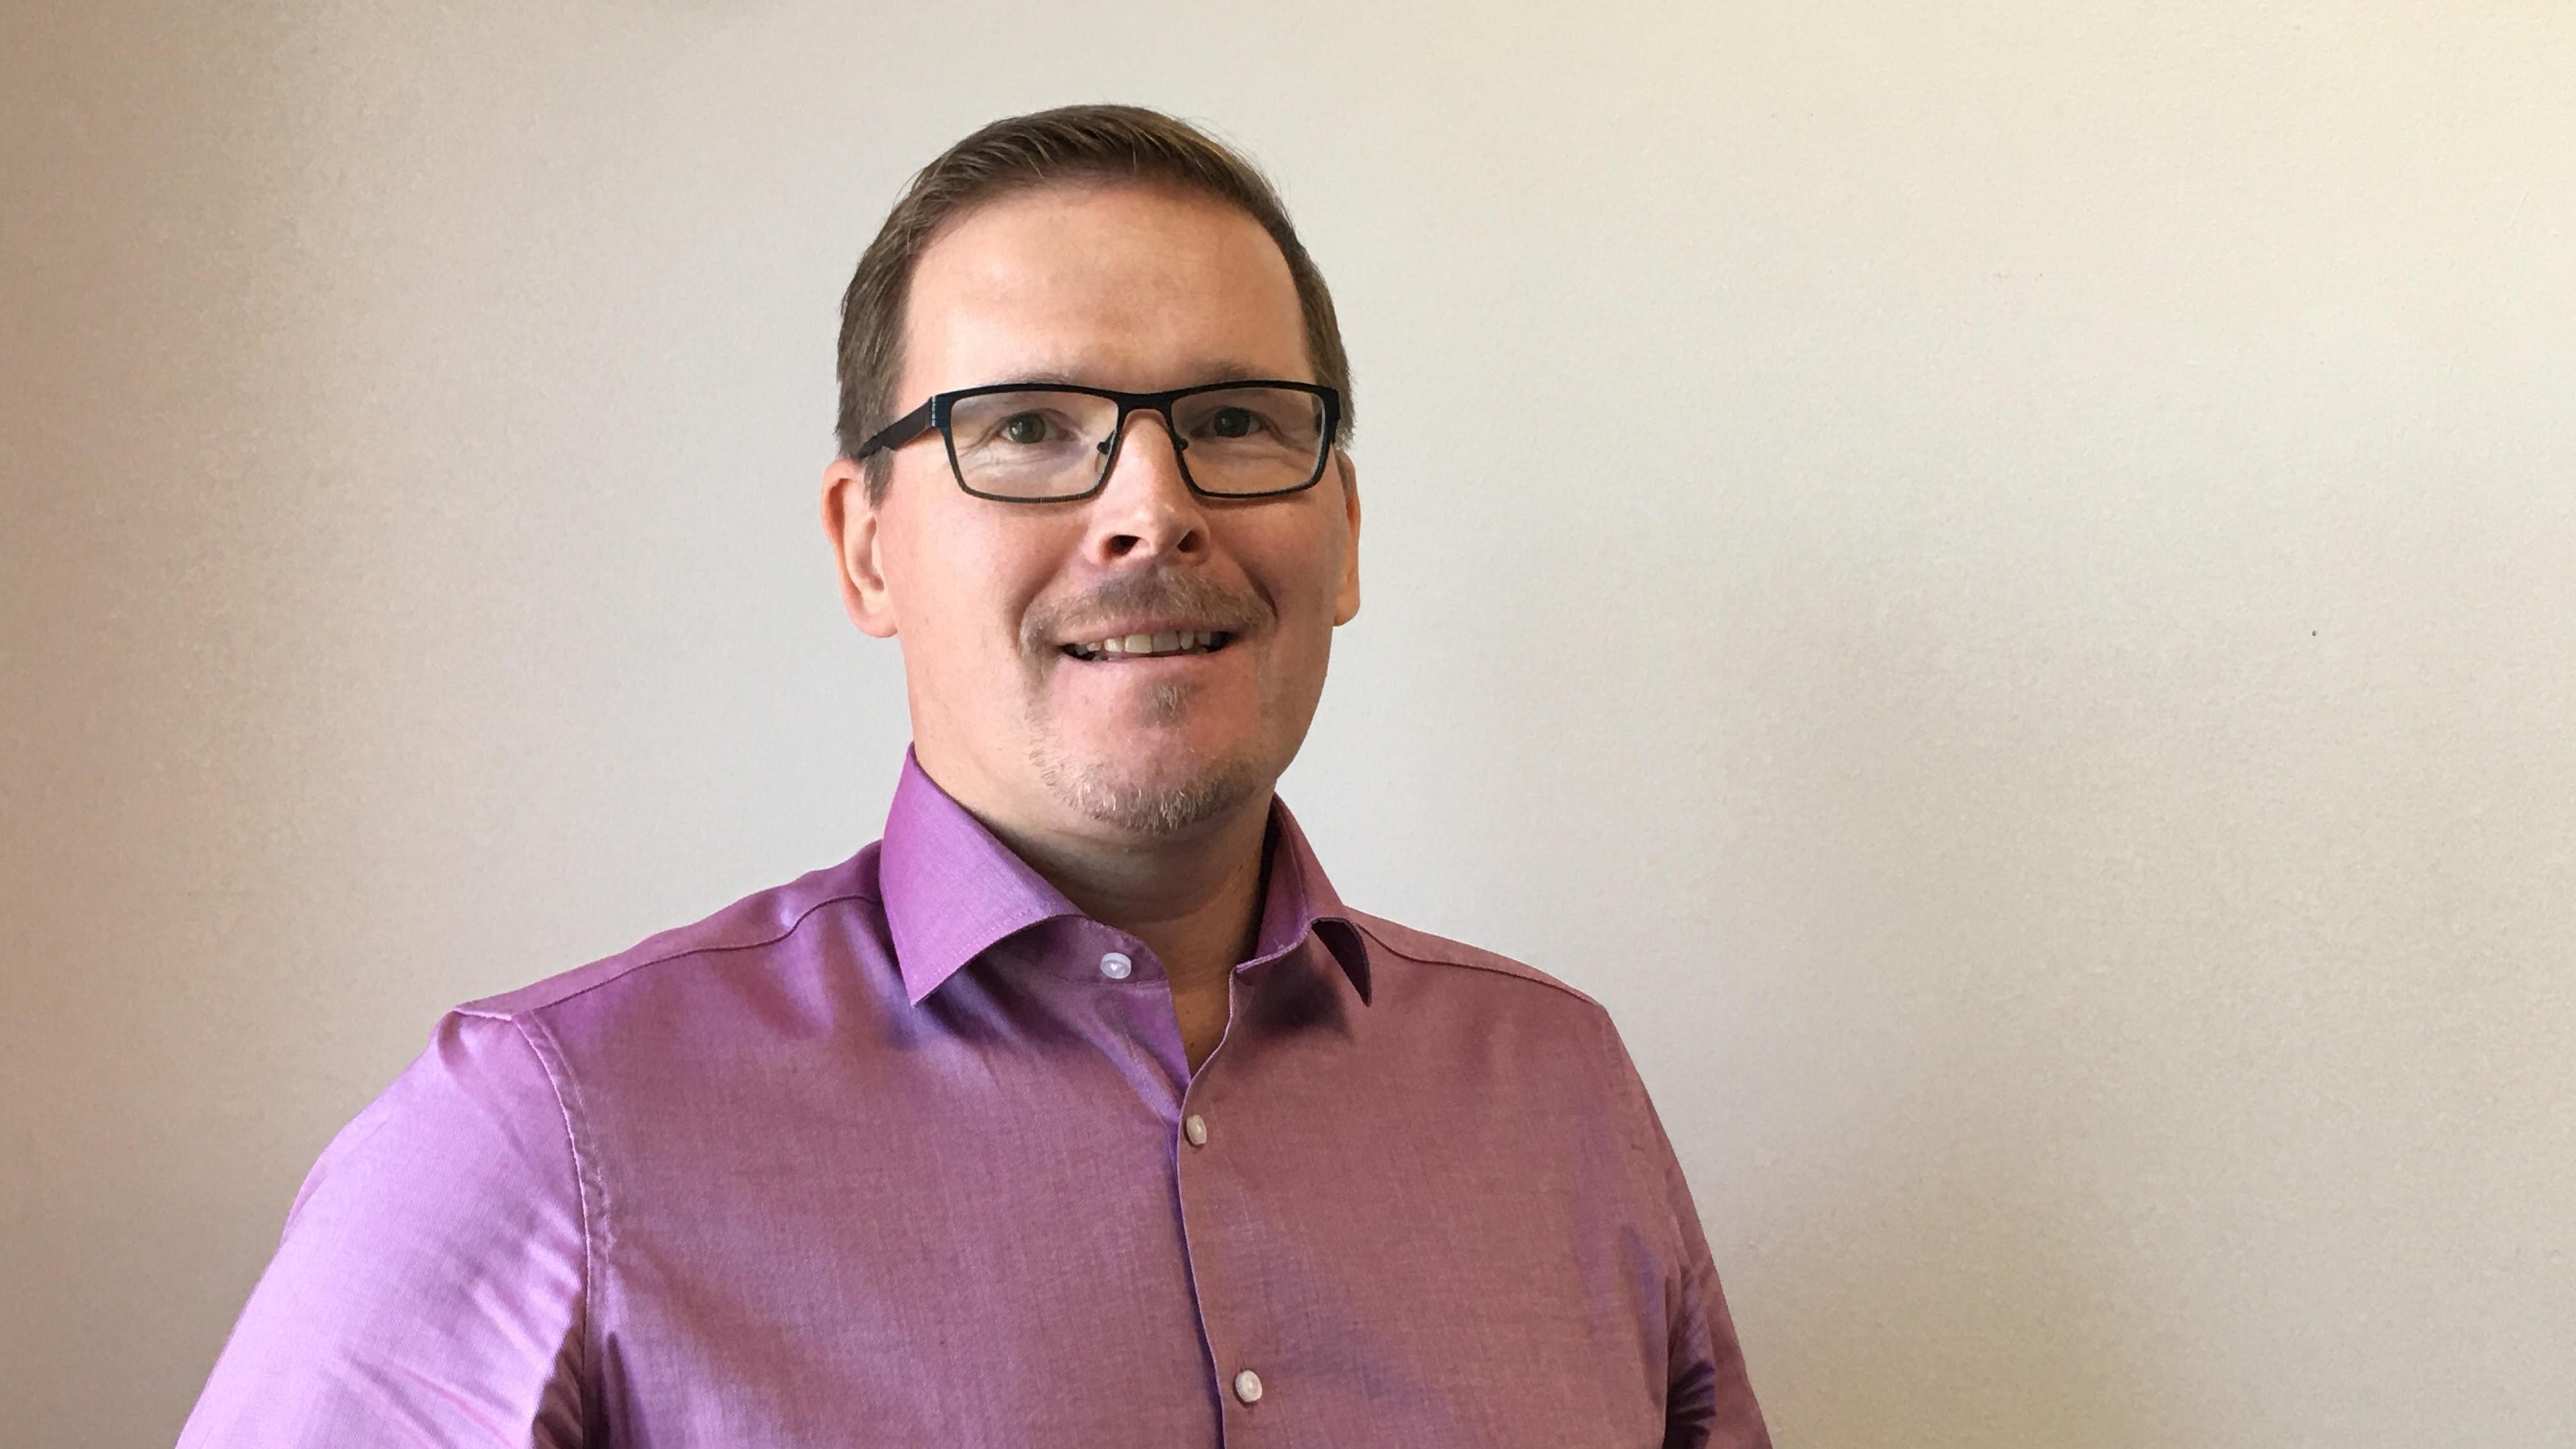 Jari Kurtti siirtyi Movendokselle kehittämään sähköisen asioinnin ratkaisuja